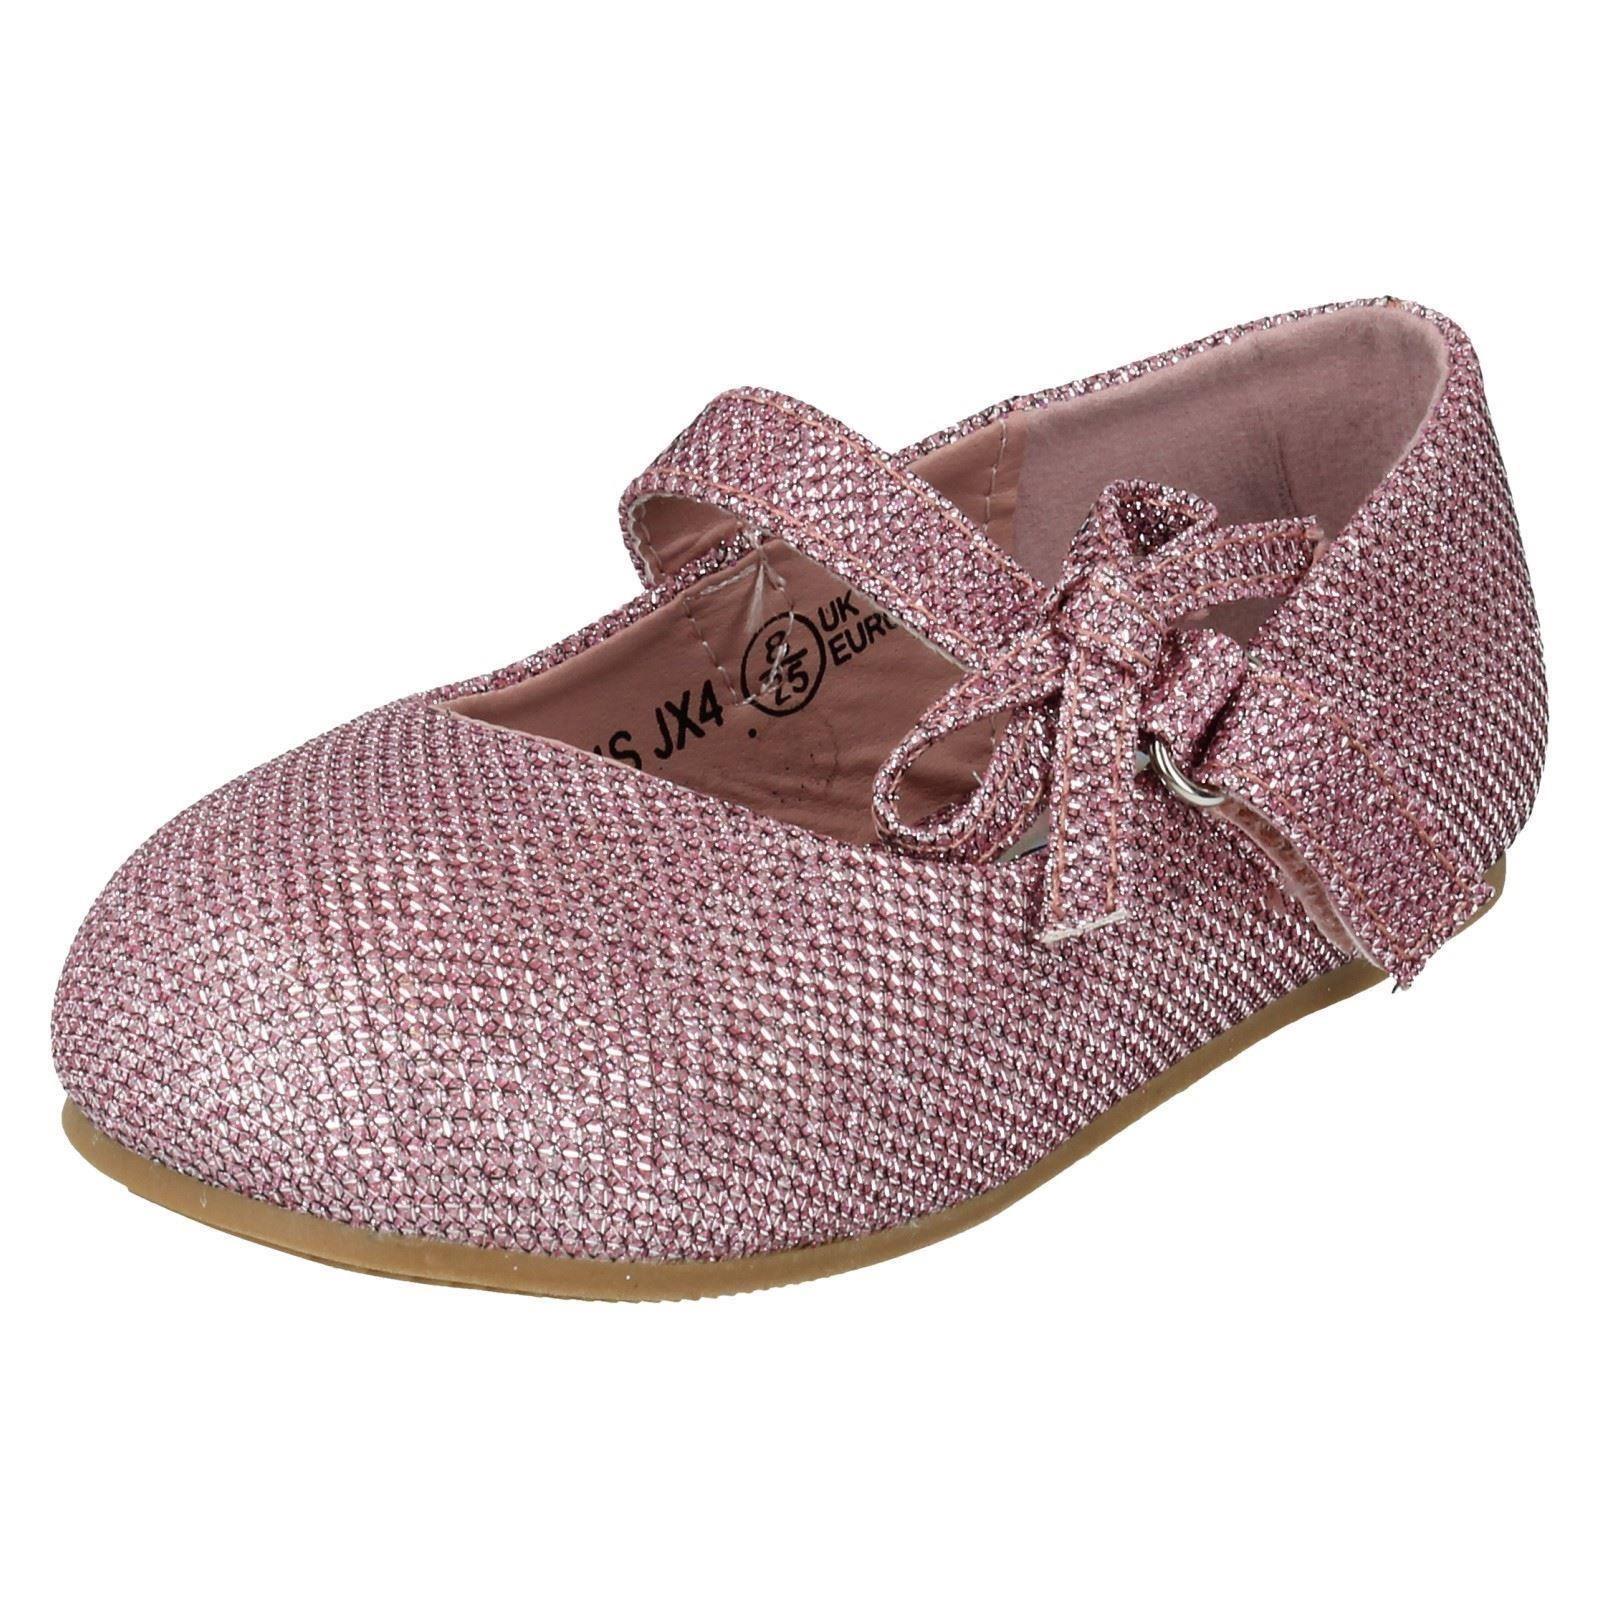 Girls In situ en los zapatos con detalle de moño el estilo-h2304